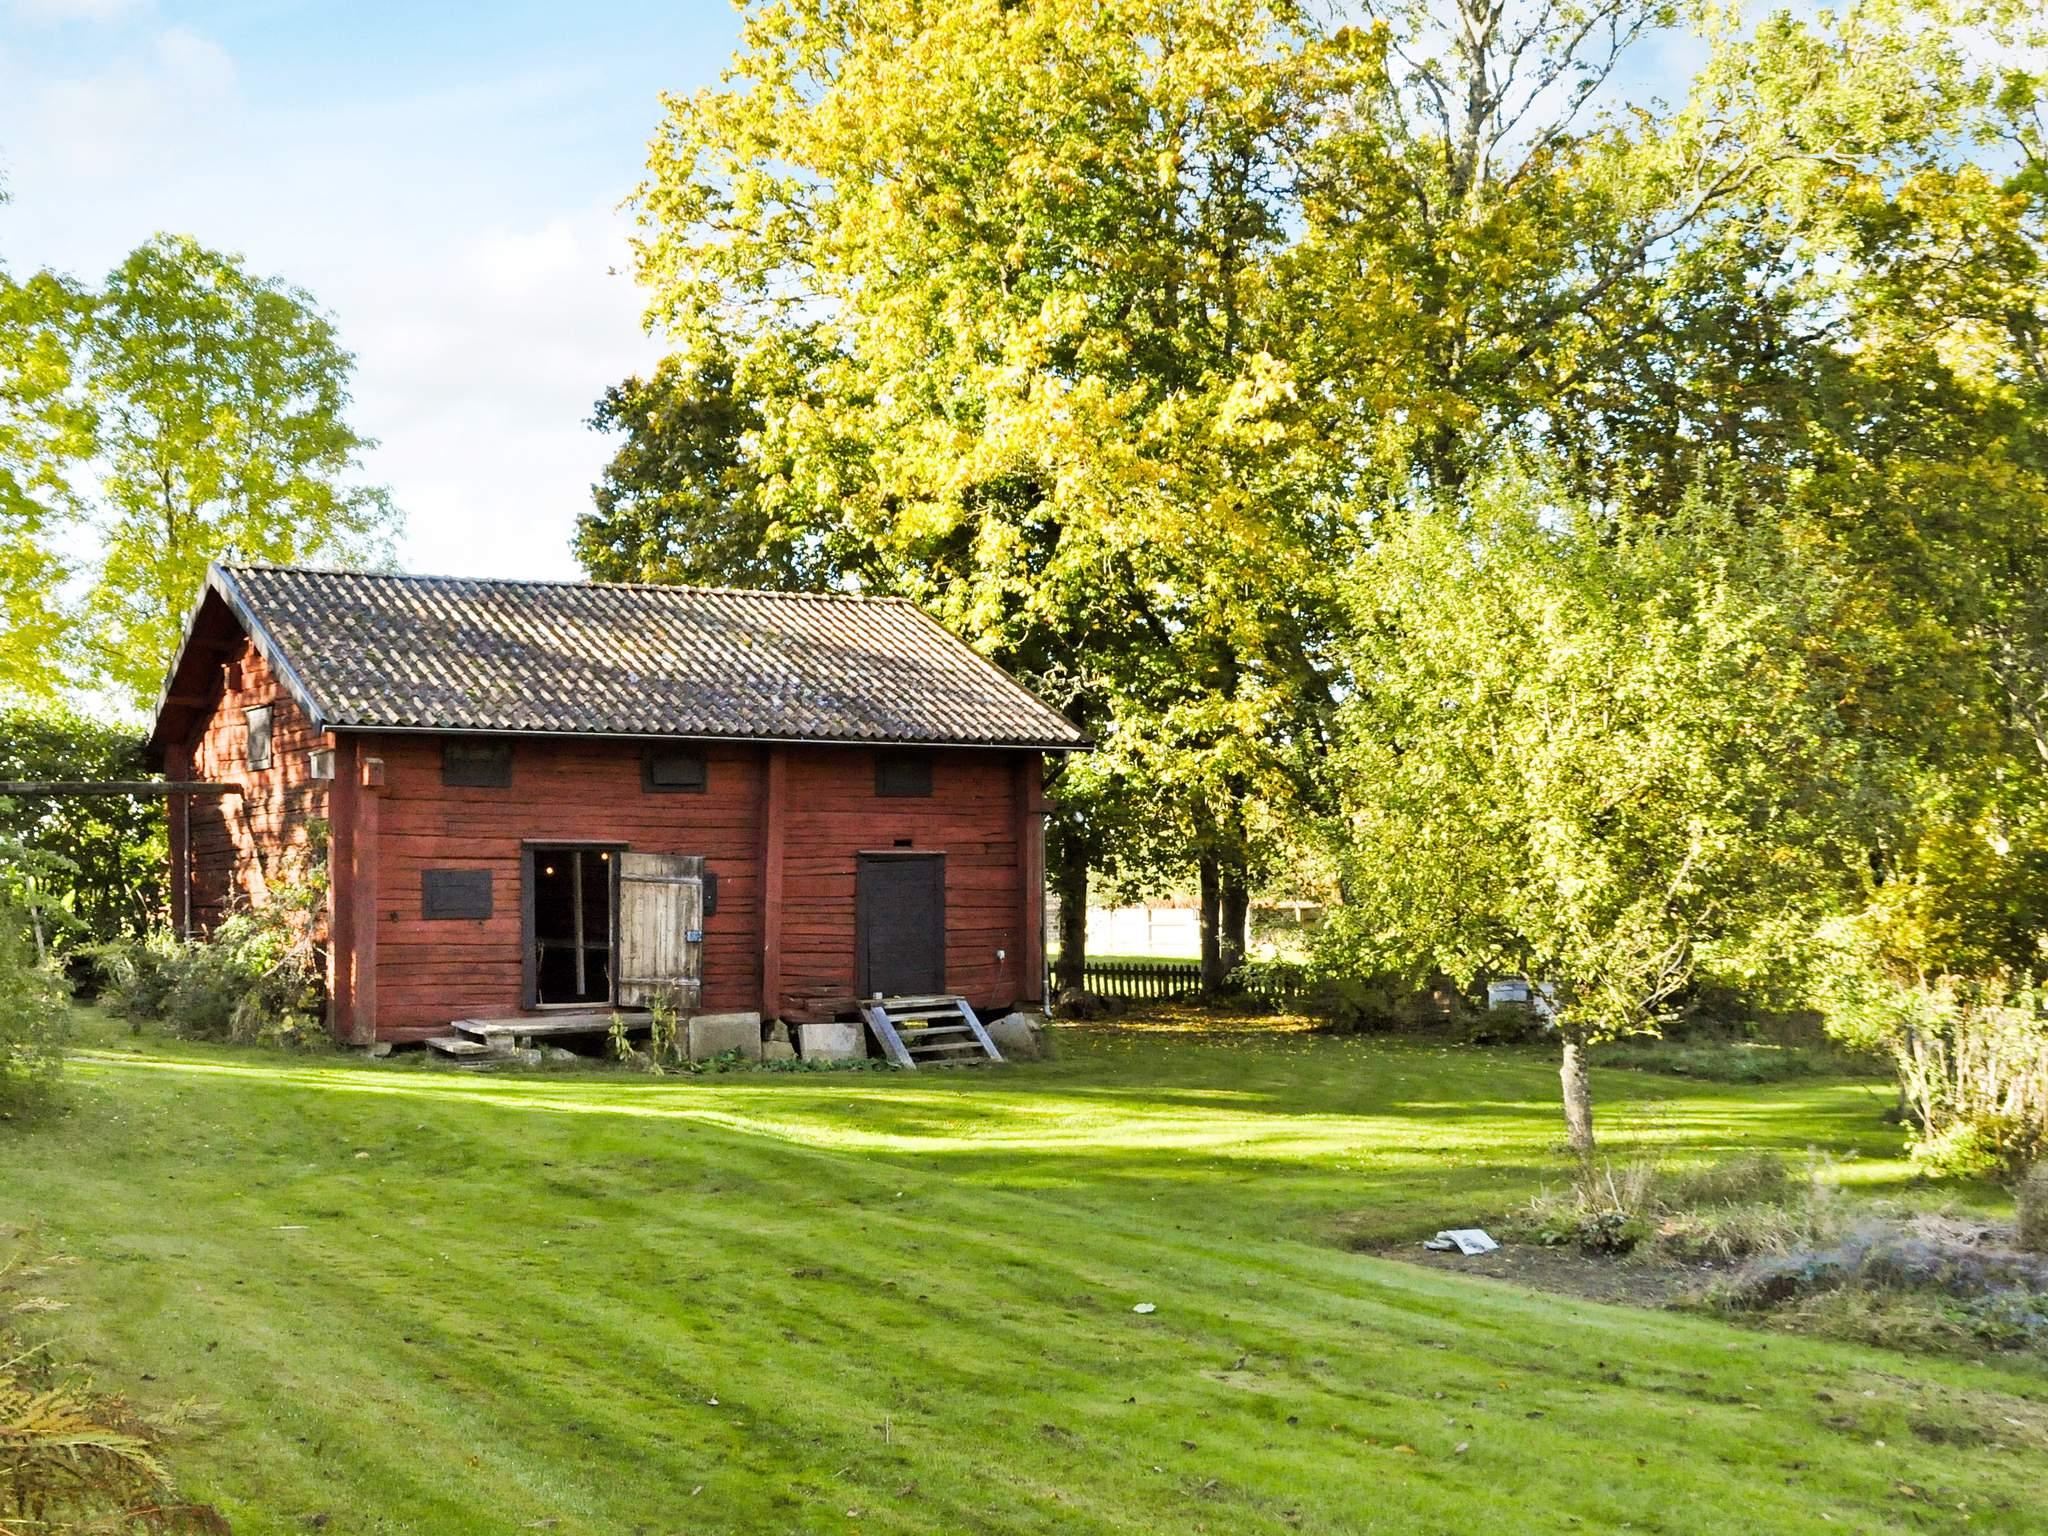 Ferienhaus Vargön (1726332), Vargön, Västra Götaland län, Westschweden, Schweden, Bild 19